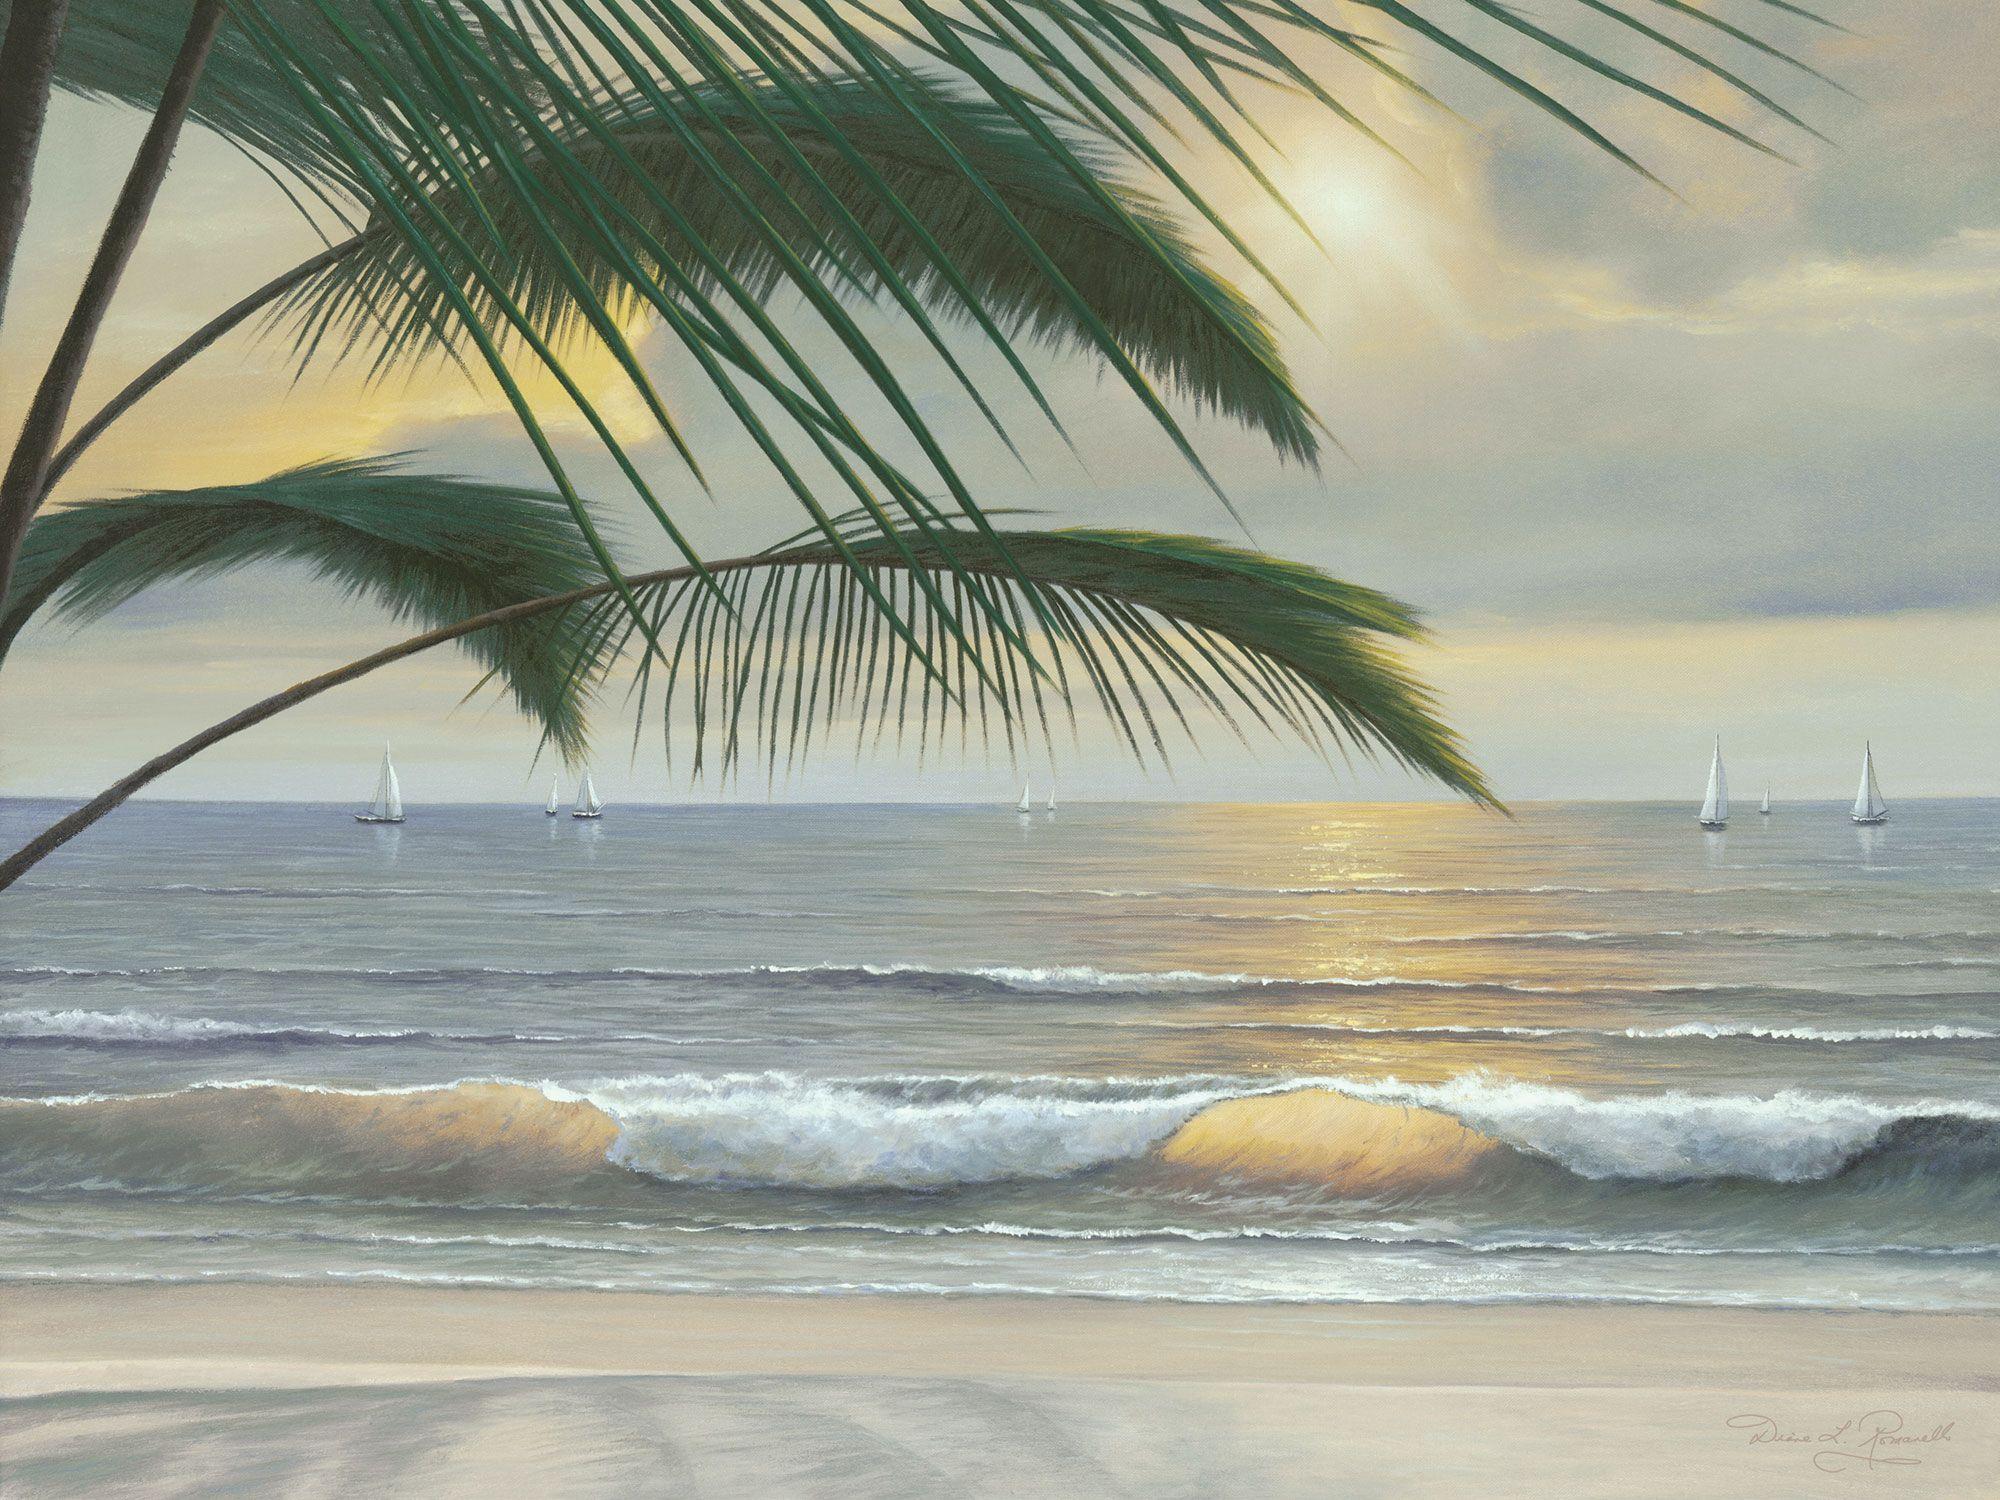 Fototapeten: Paradise (Diane Romanello)